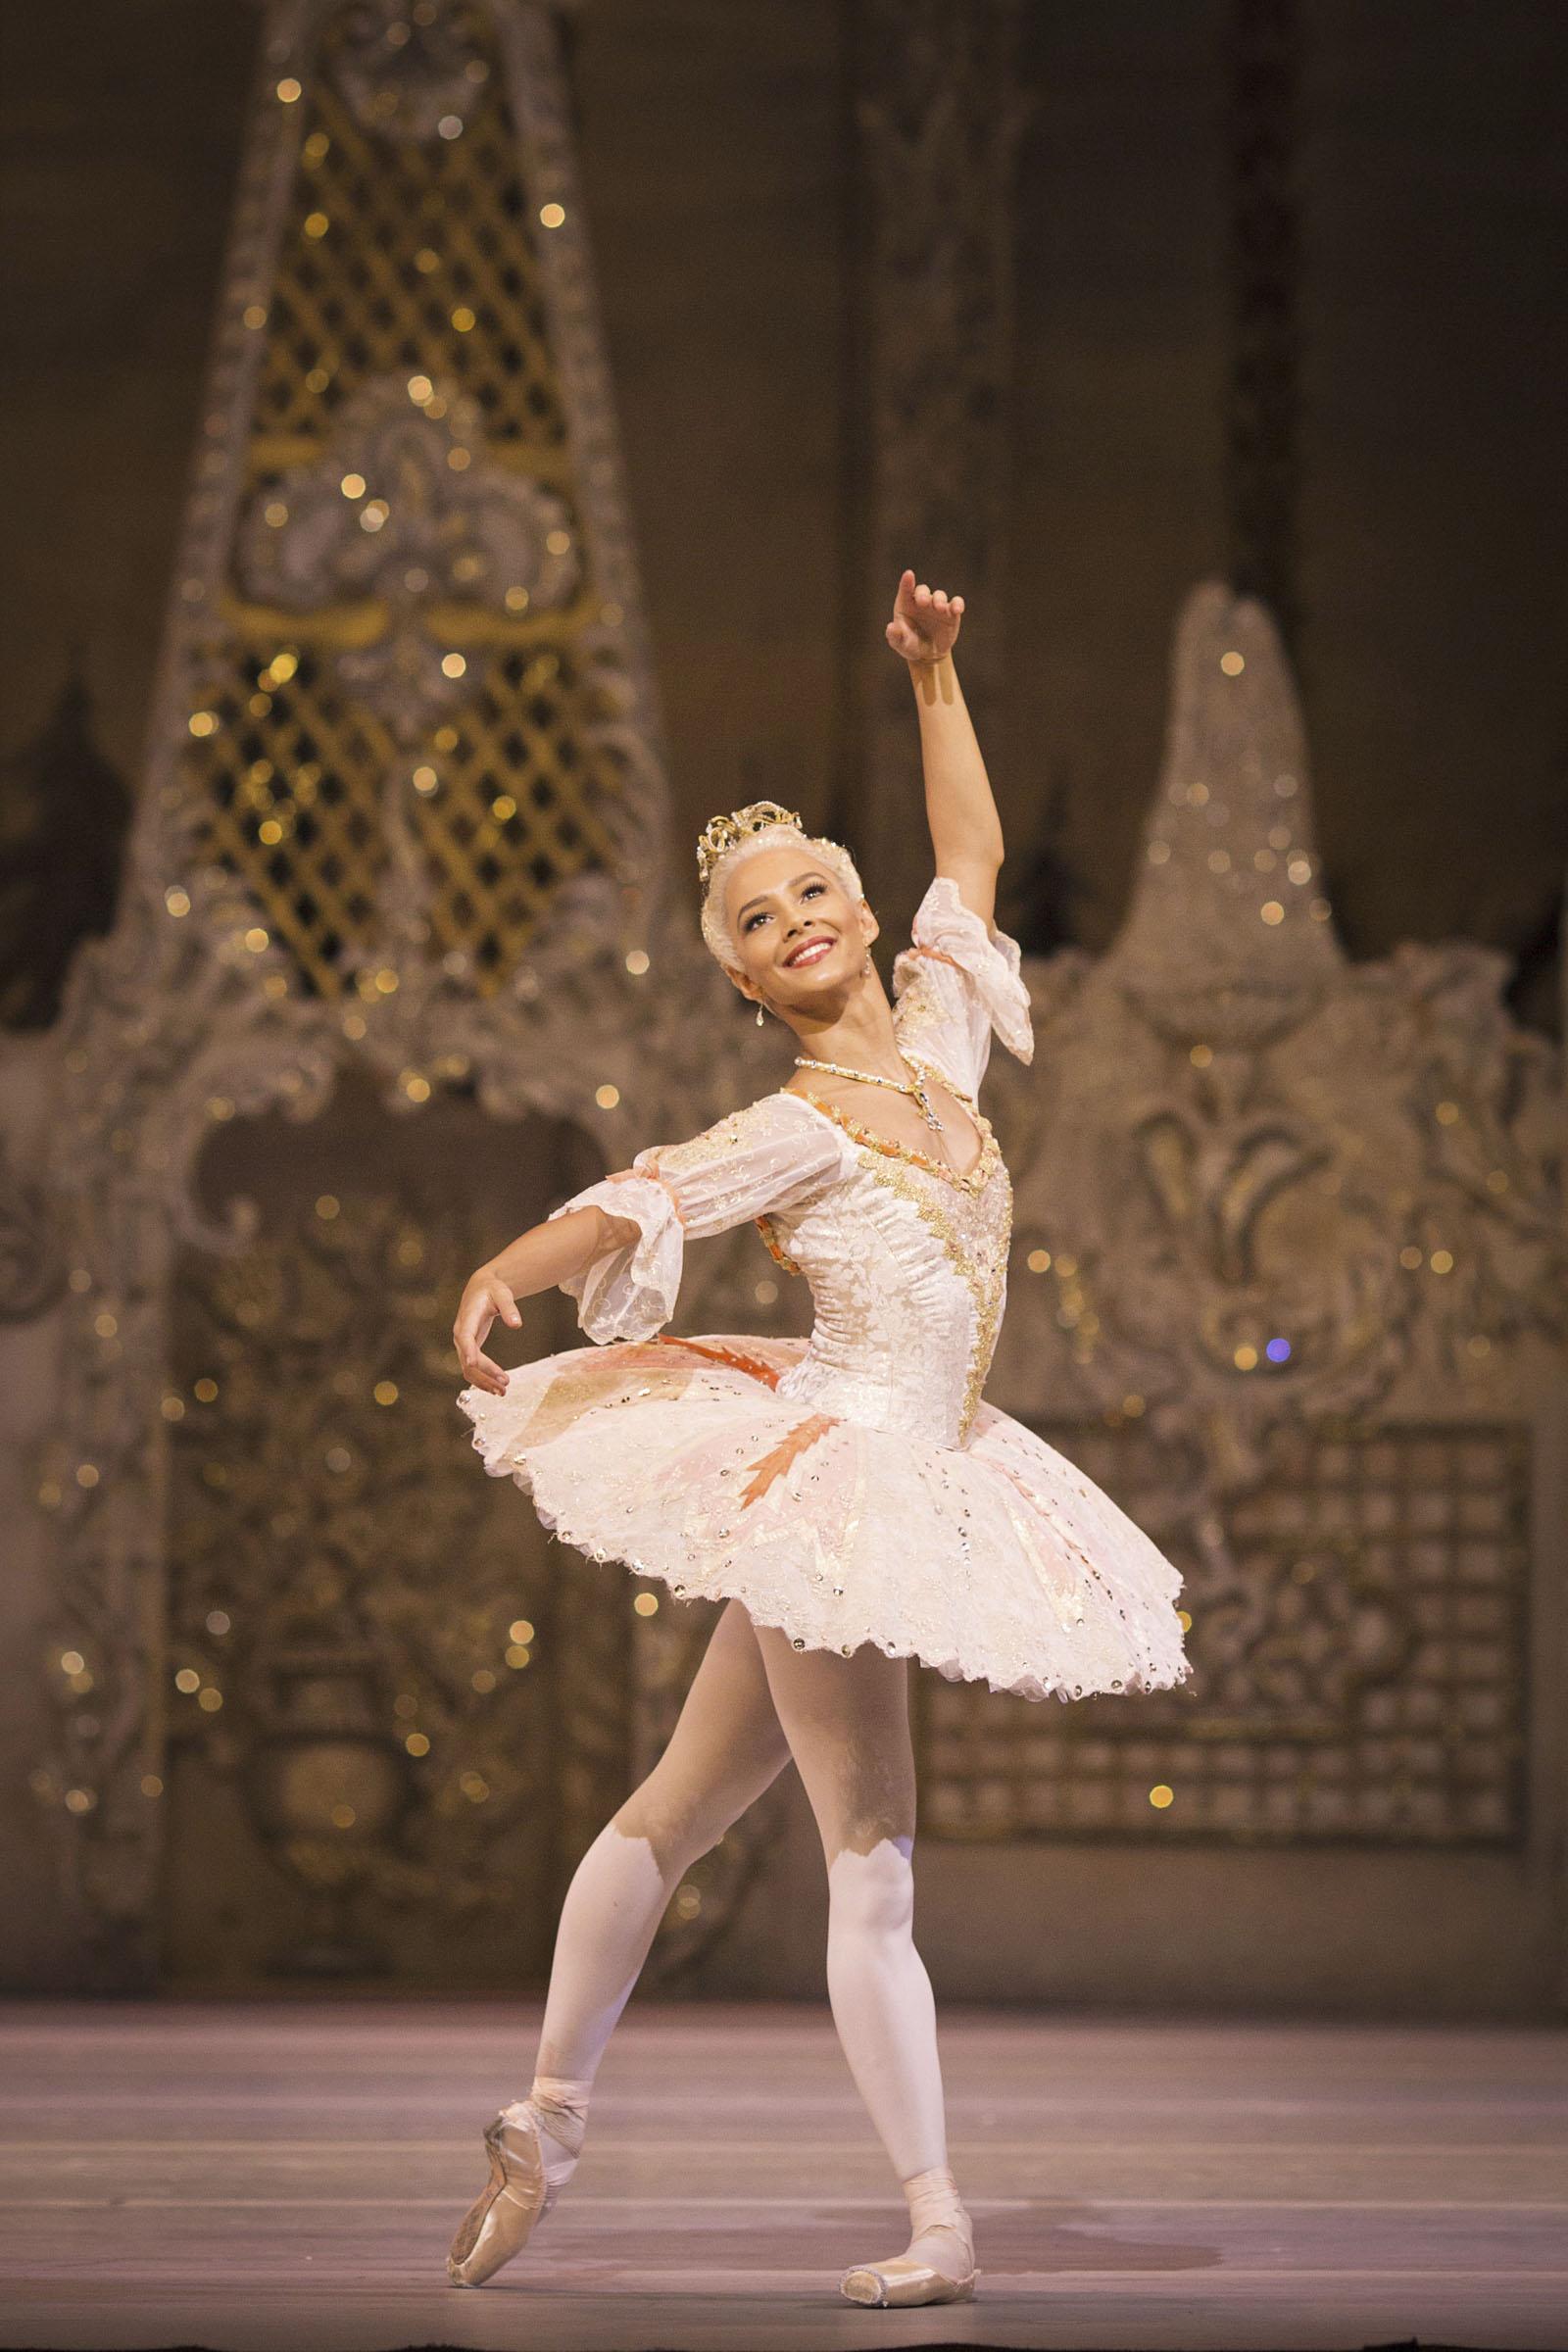 The Nutcracker – Francesca Hayward as the Sugar Plum Fairy